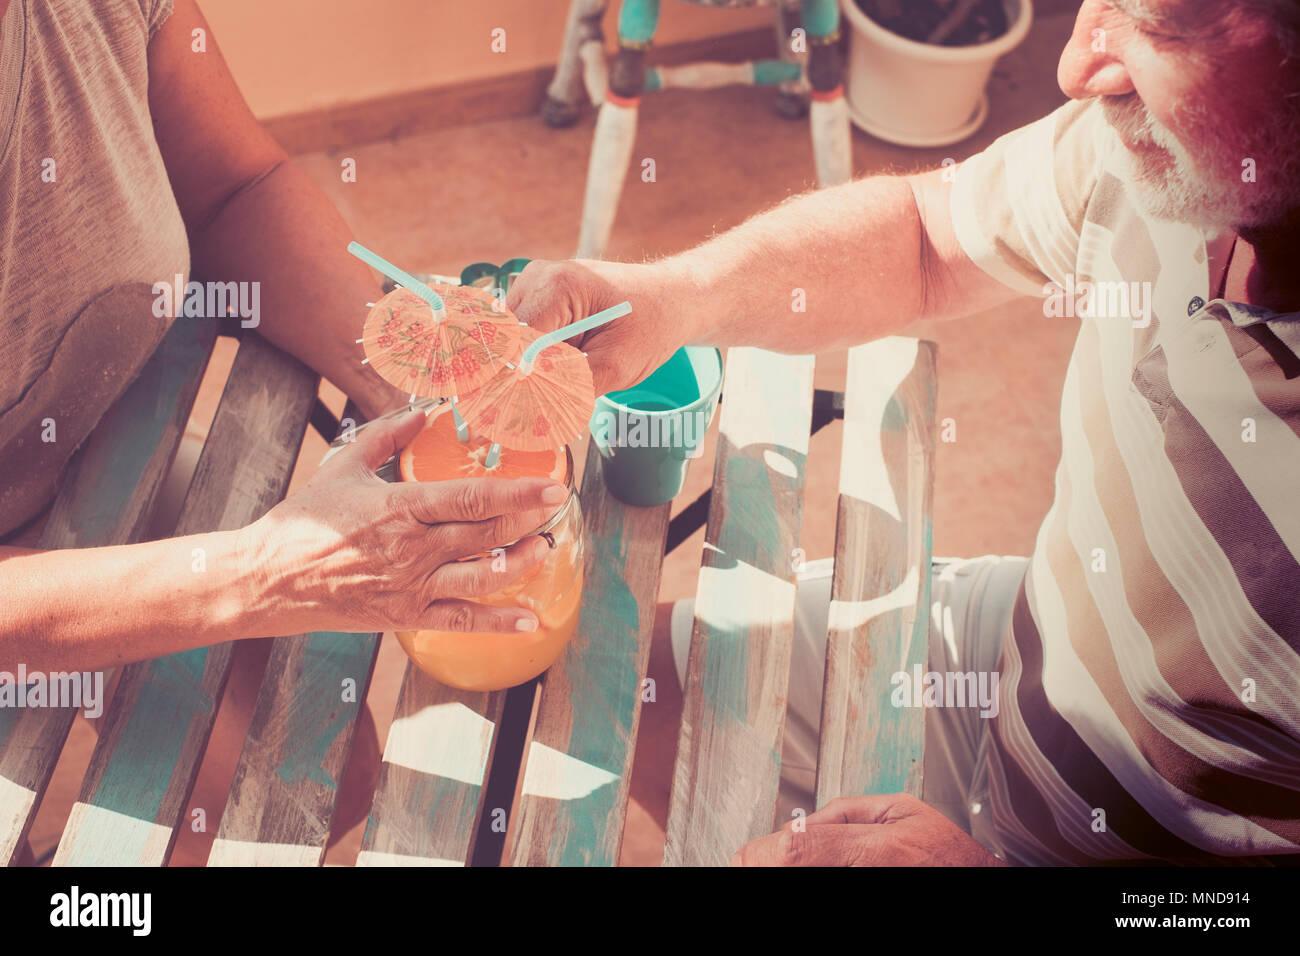 L'heure d'été pour un couple de cadres supérieurs l'homme et de la femme de boire un cocktail de fruits ensemble en vacances. Old vintage style. Photo Stock